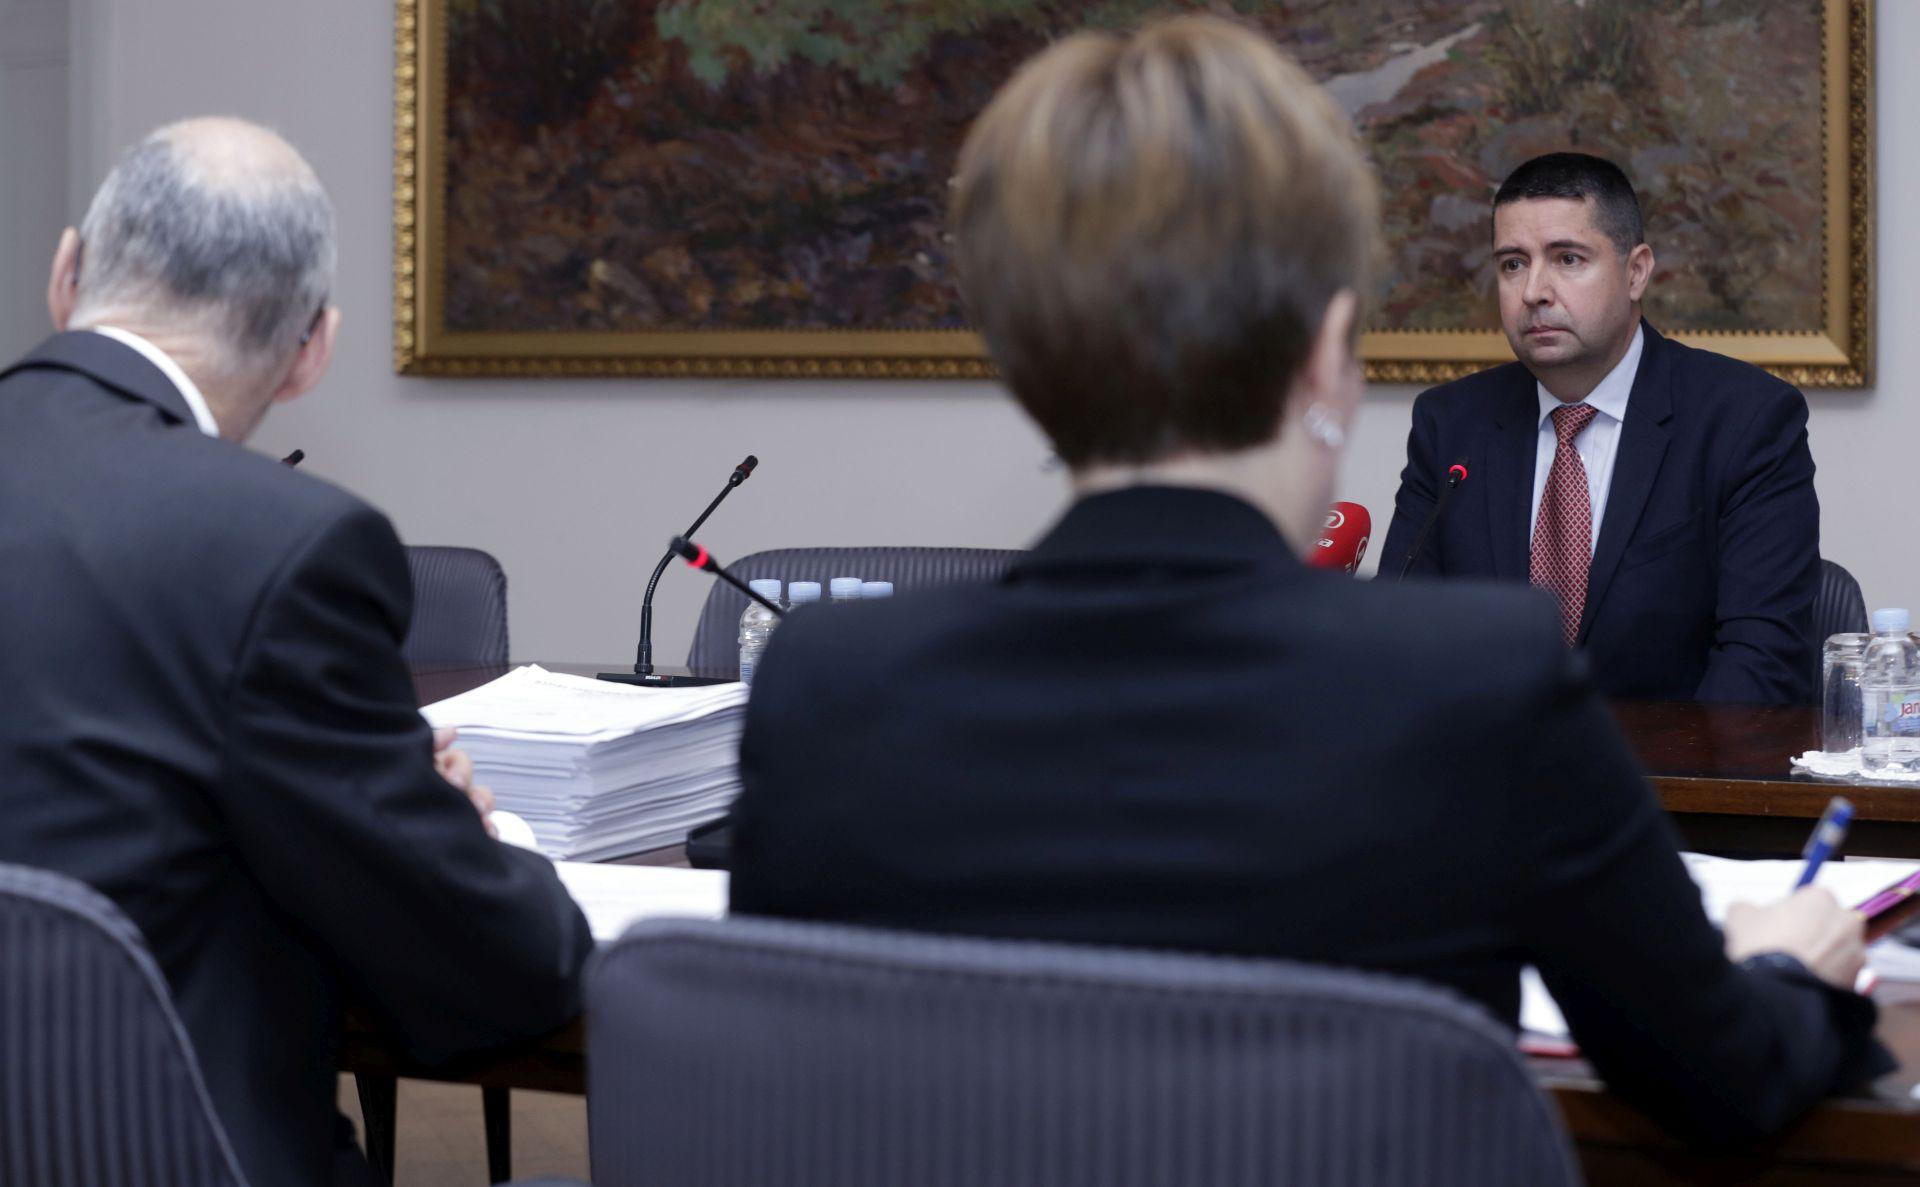 SABORSKI ODBOR: Završeni razgovori sa kandidatima za suce Ustavnog suda